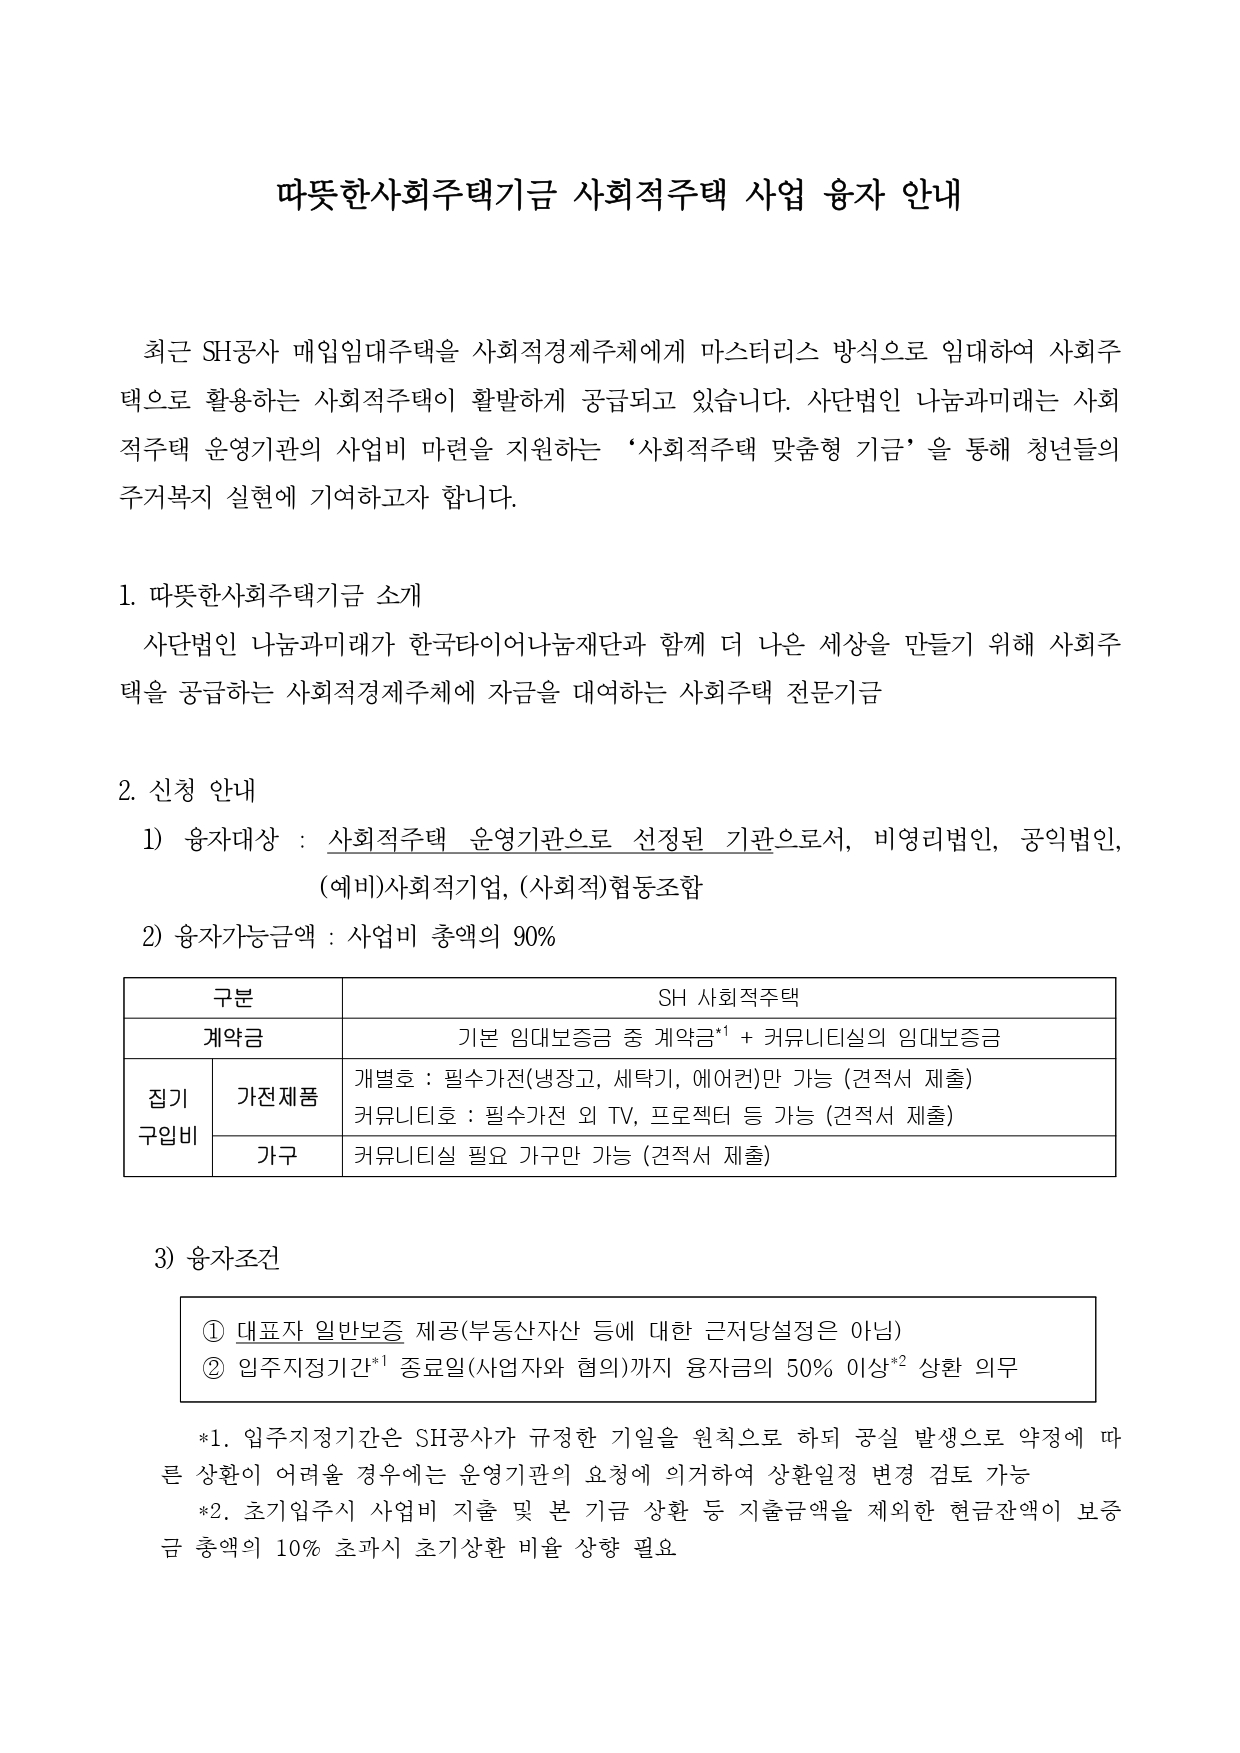 따뜻한사회주택기금 사회적주택 사업 융자 안내_201204_pages-to-jpg-0001.jpg